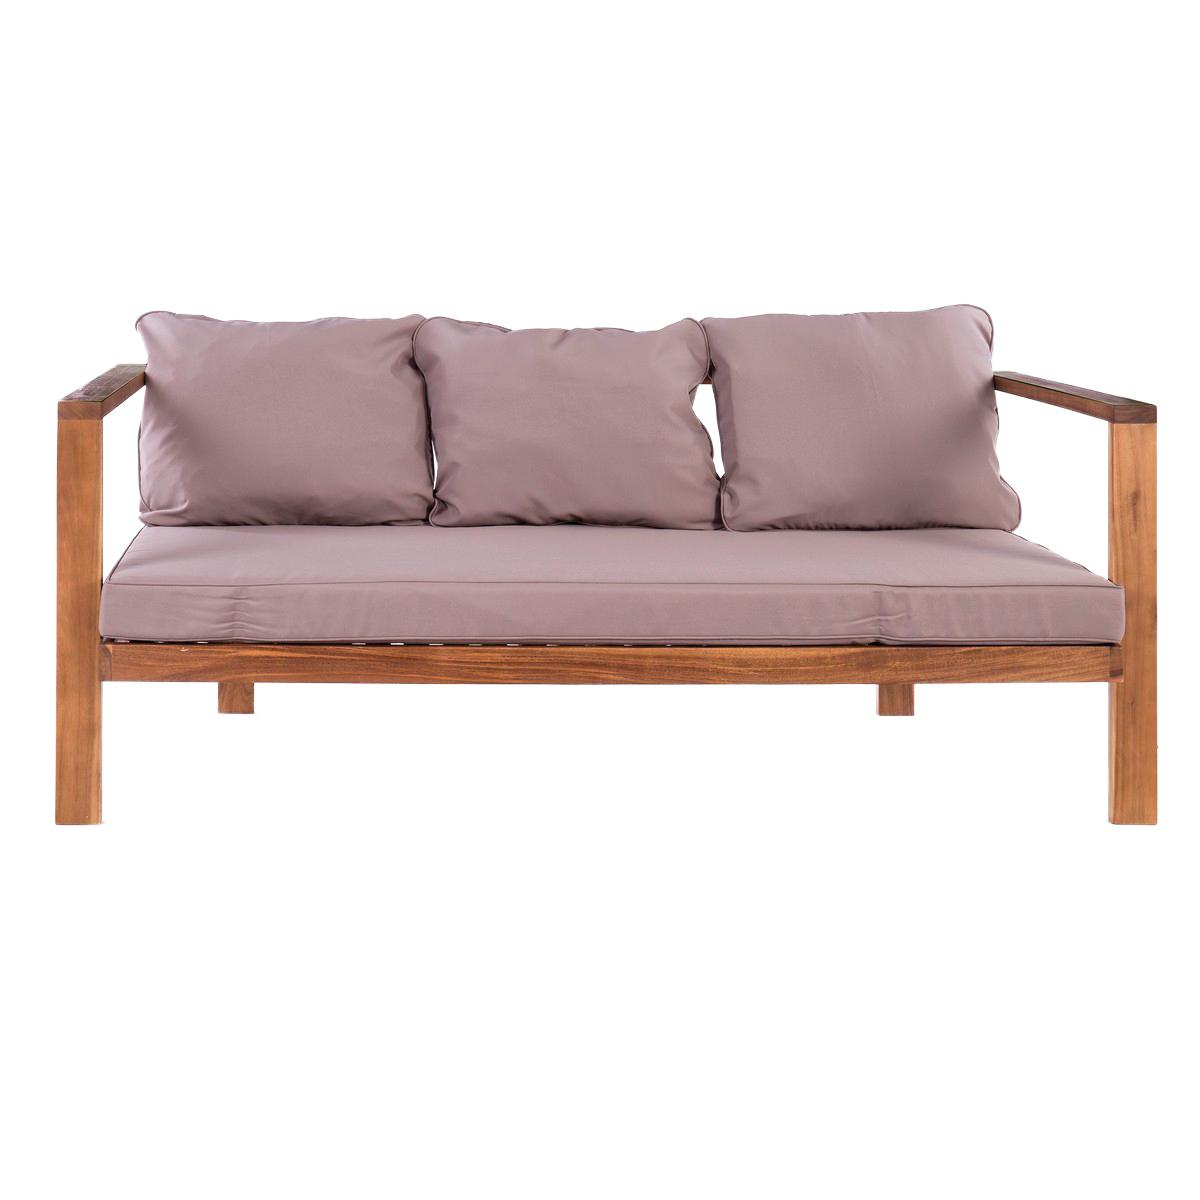 Muebles y complementos para disfrutar del exterior - Cojines muebles exterior ...